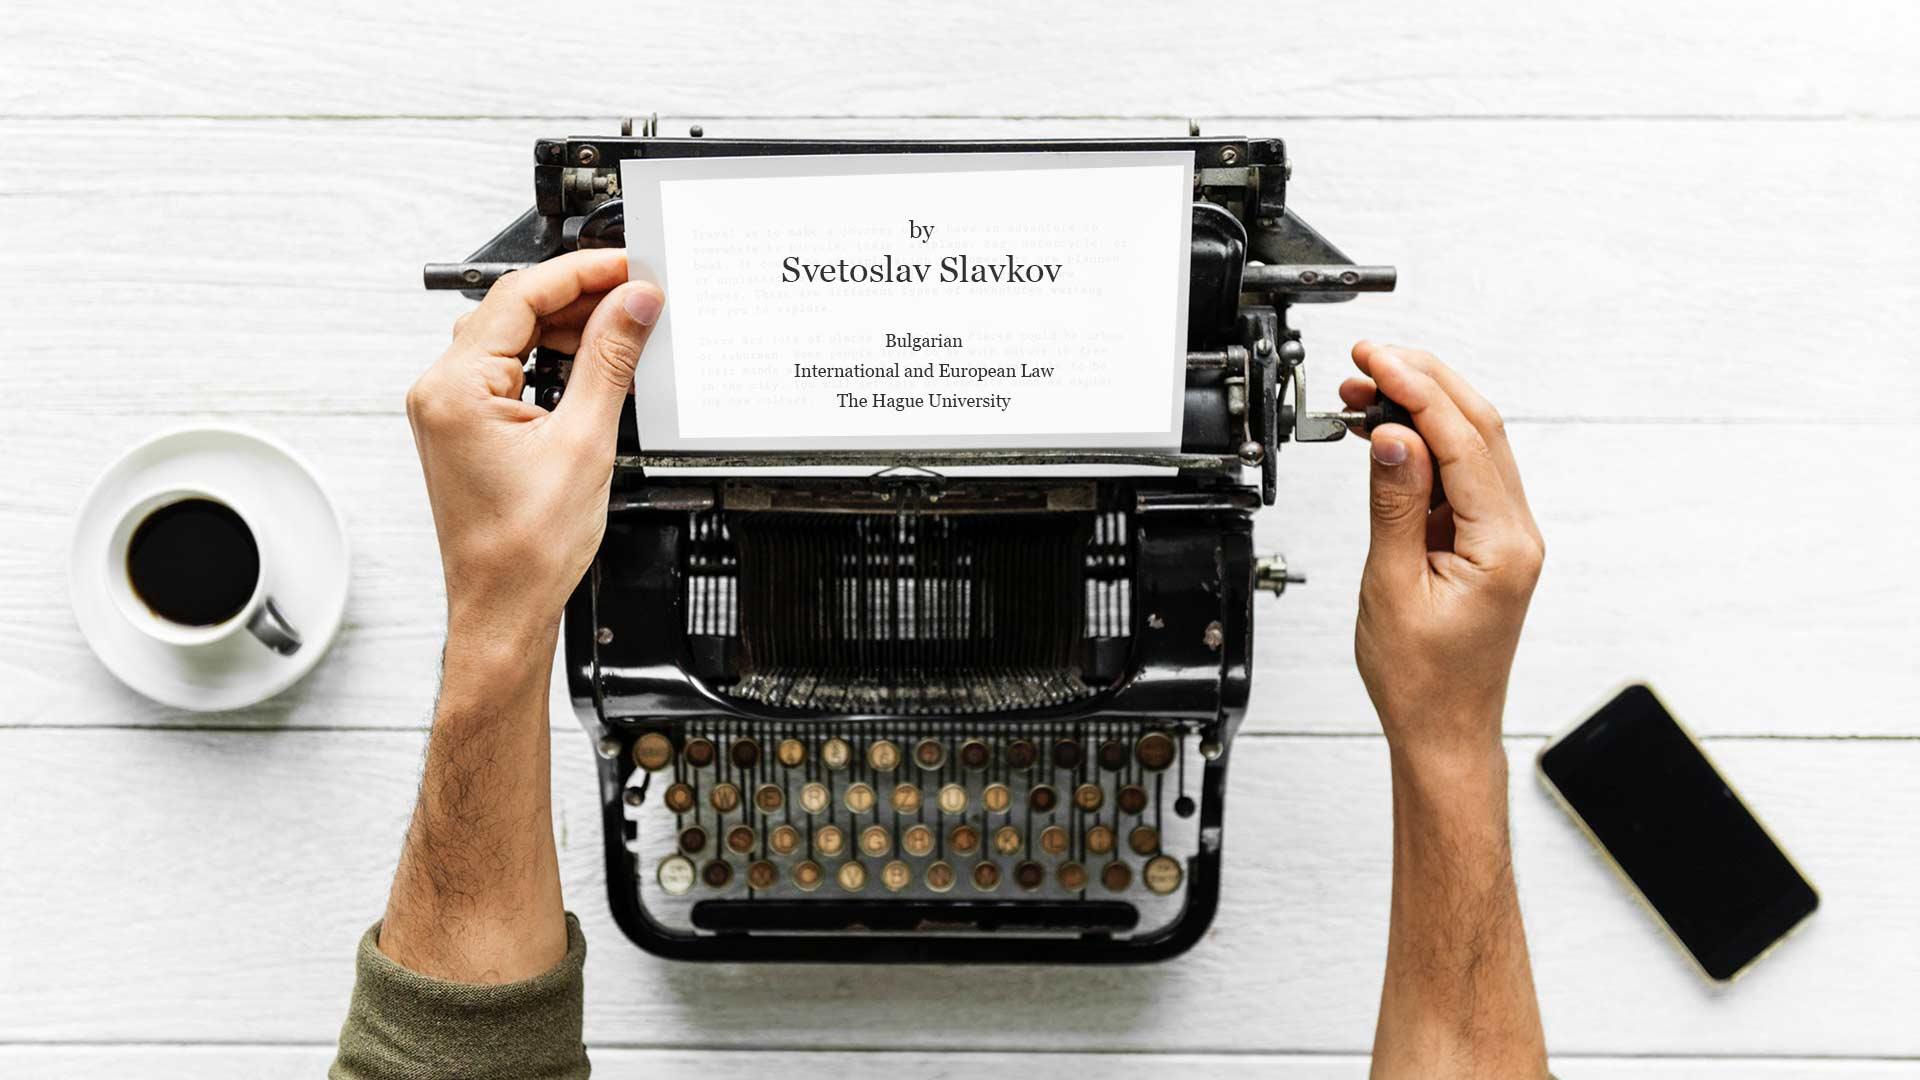 Personal story by Svetoslav Slavkov